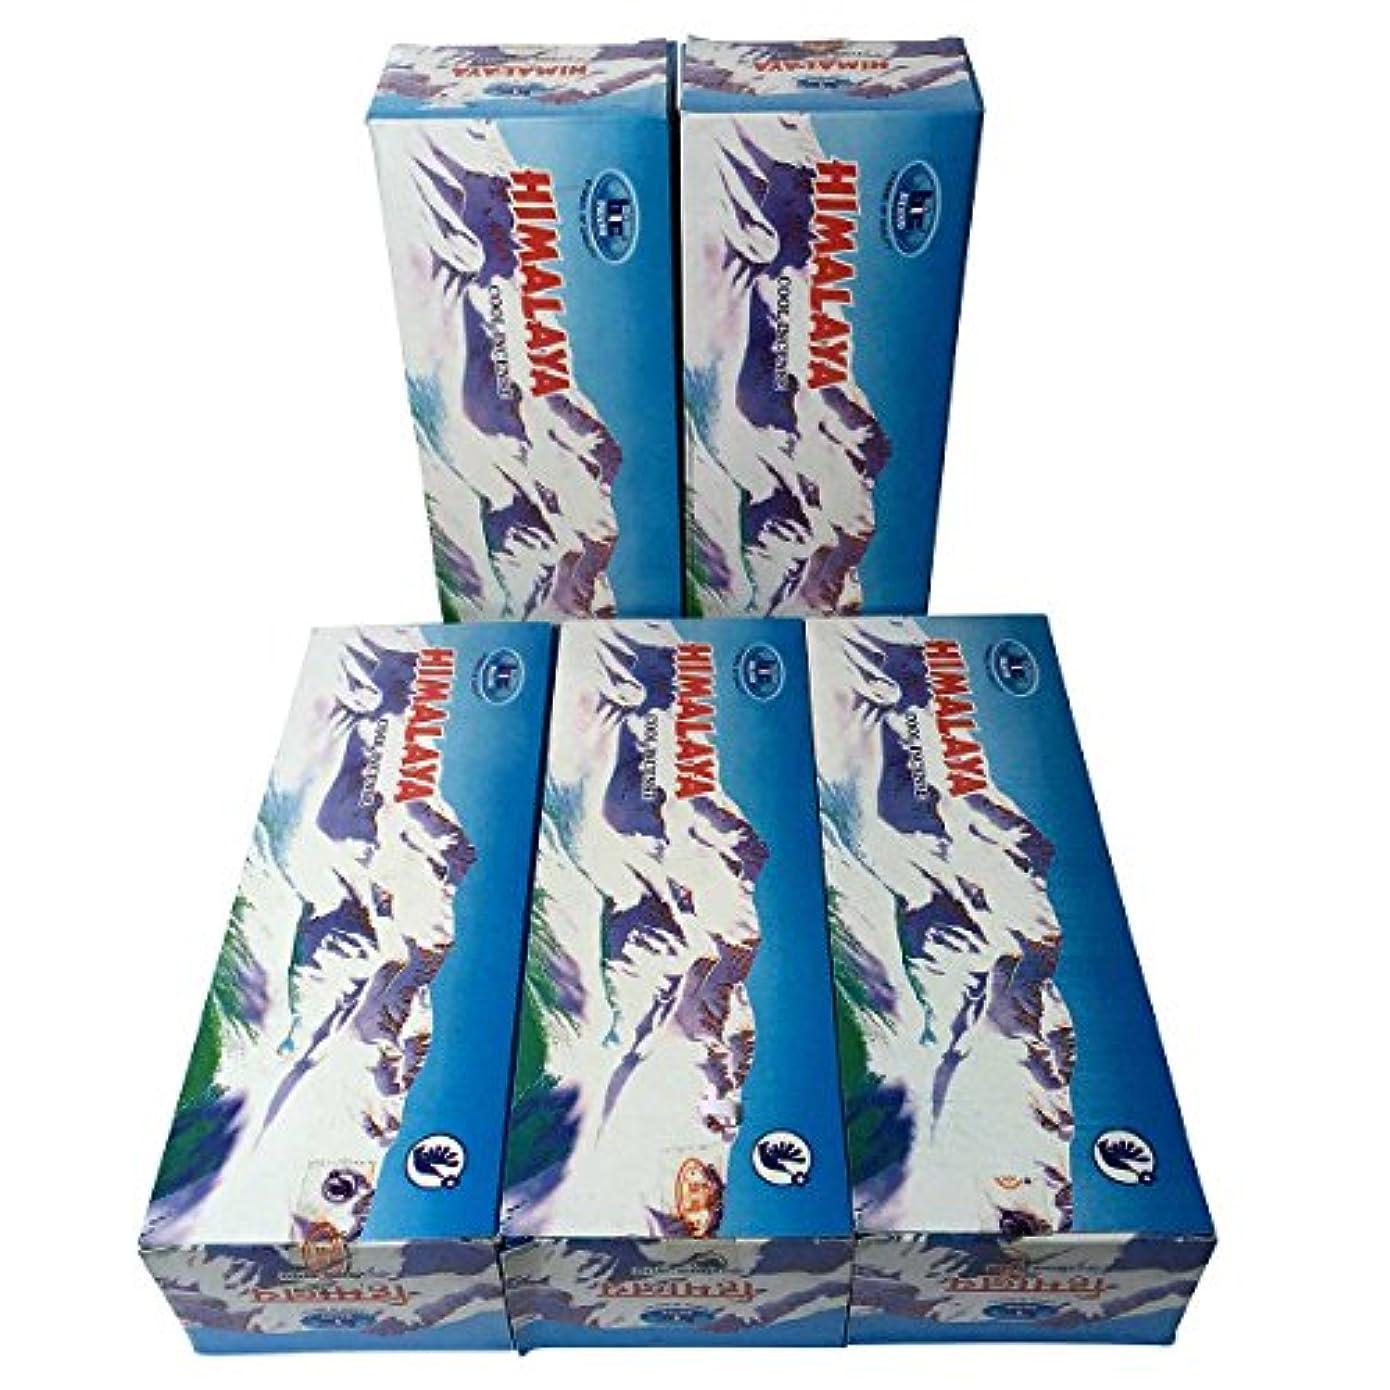 膨張するどこでも電子ヒマラヤ香スティック 5BOX(30箱)/BIC HIMARAYA/ インド香 / 送料無料 [並行輸入品]